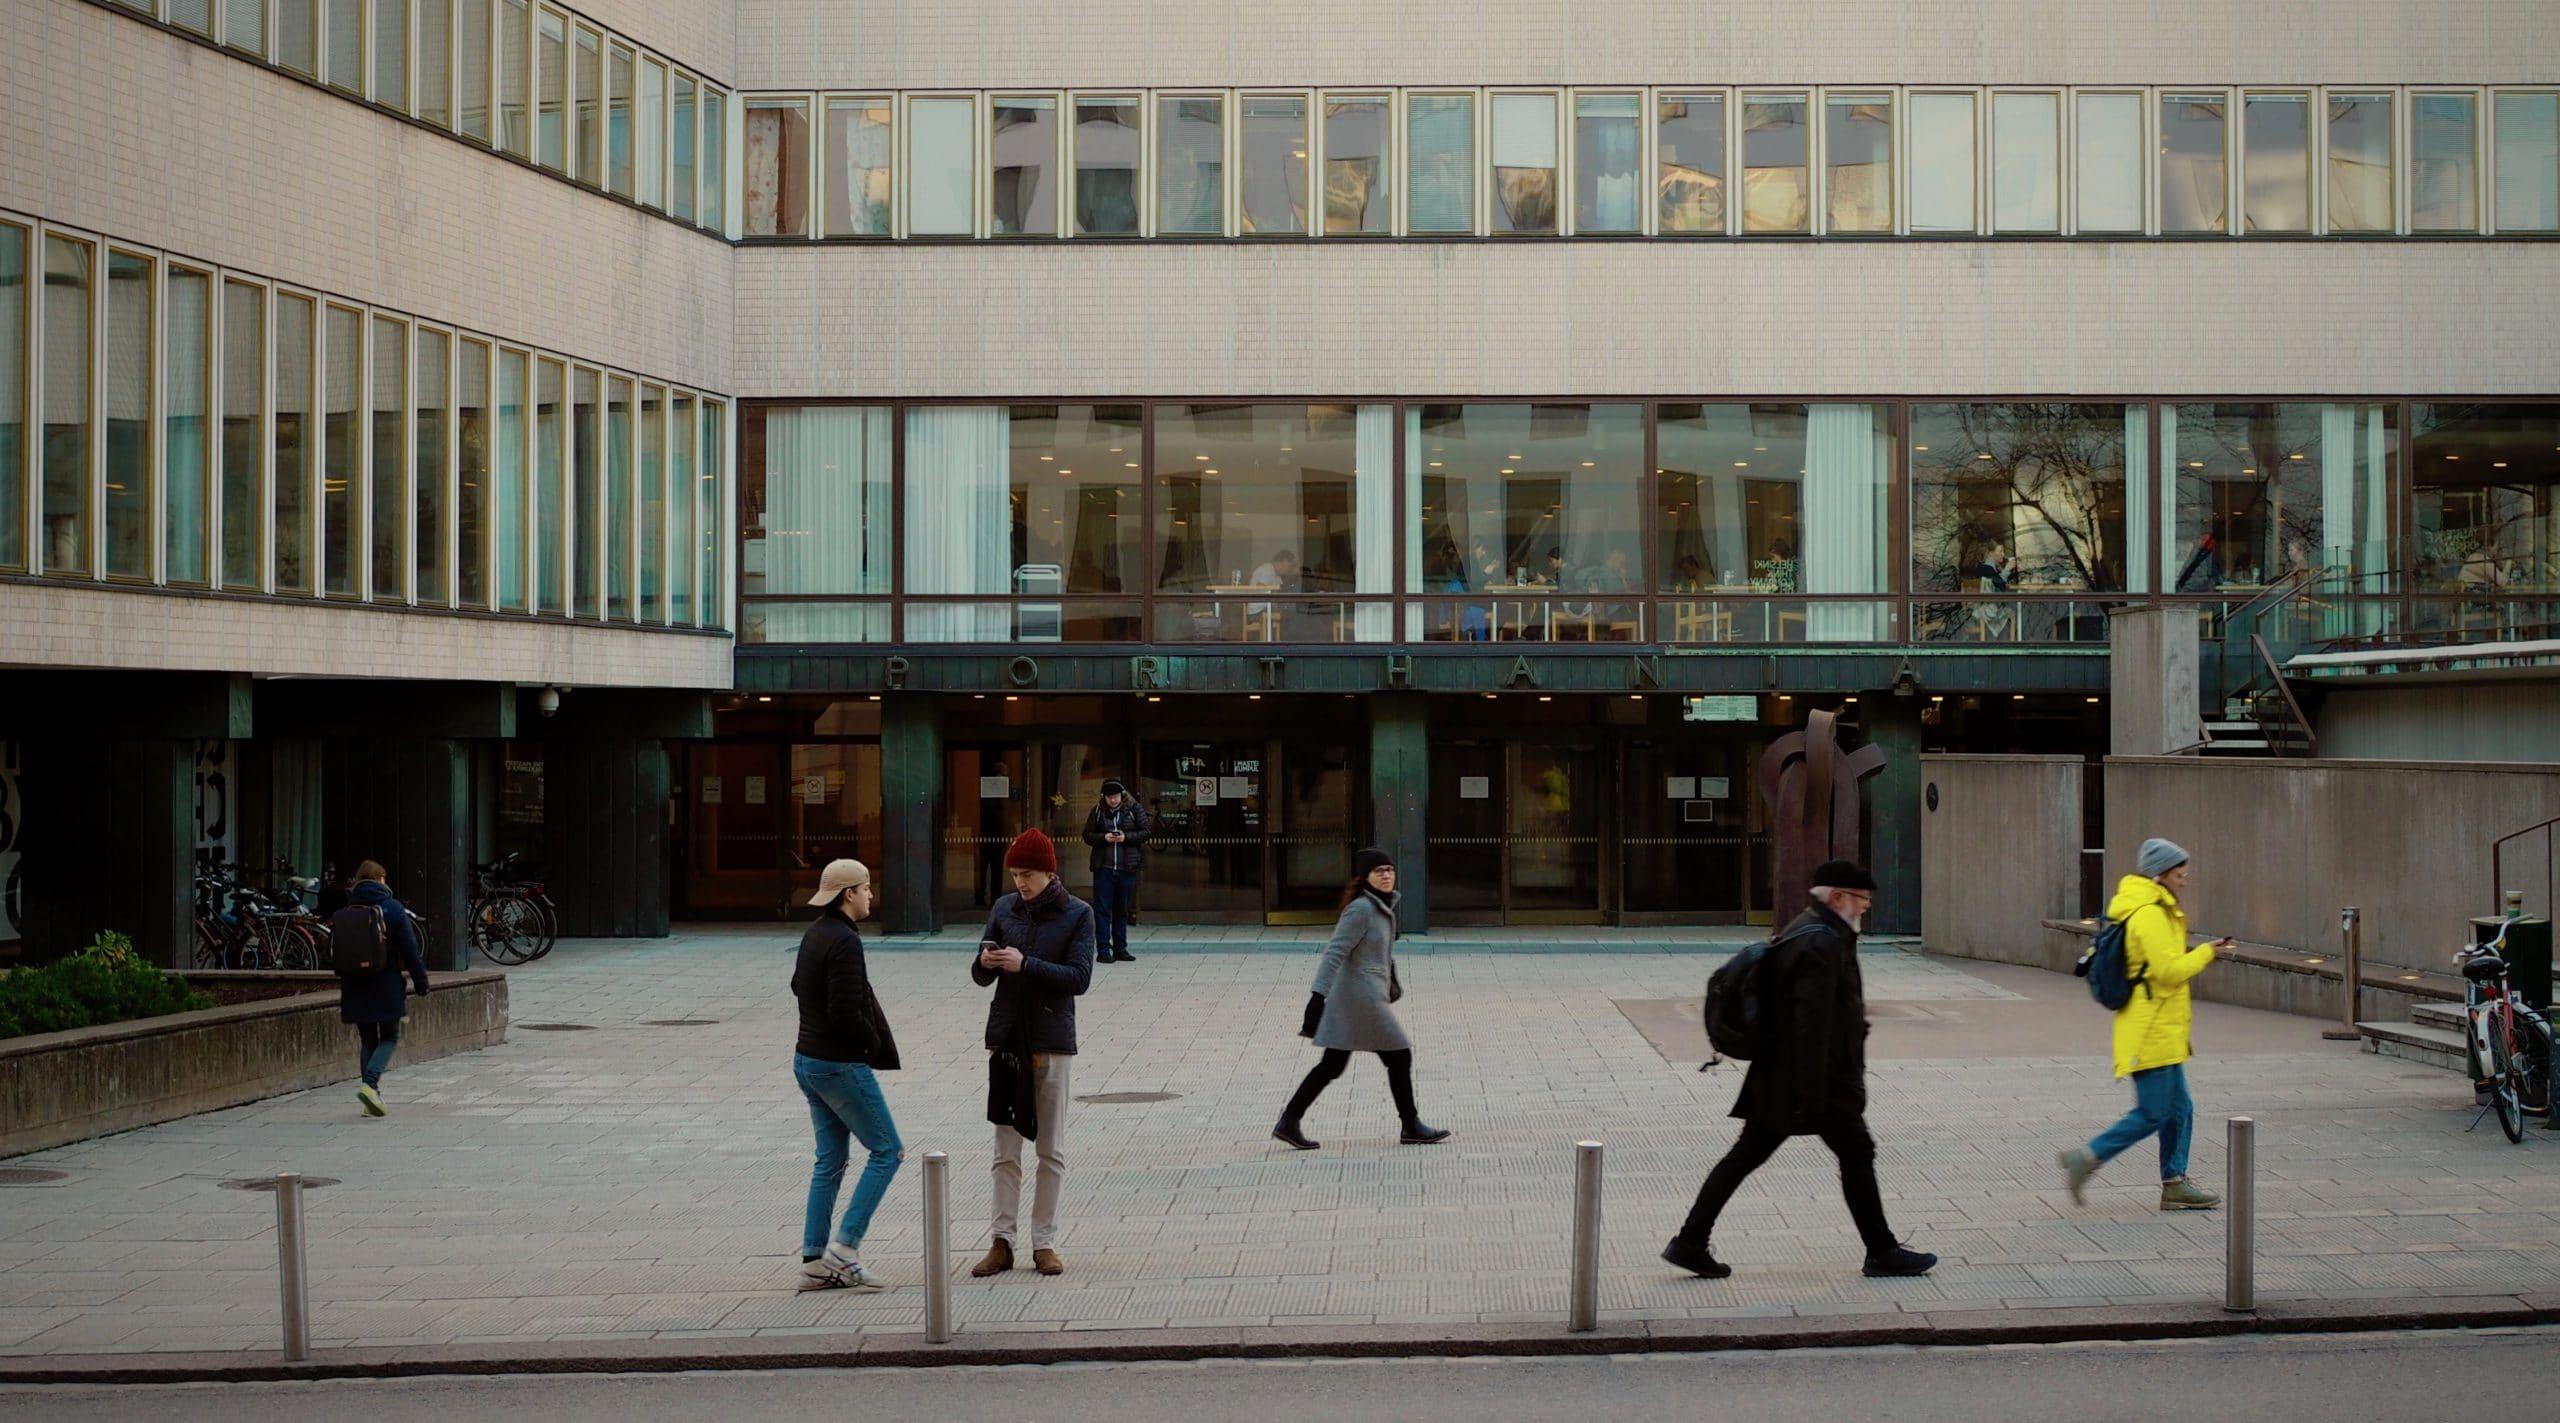 Helsingin yliopiston kanssa kehitetty chatbot Harri Botter palvelee IT-asioissa vuorokauden ympäri